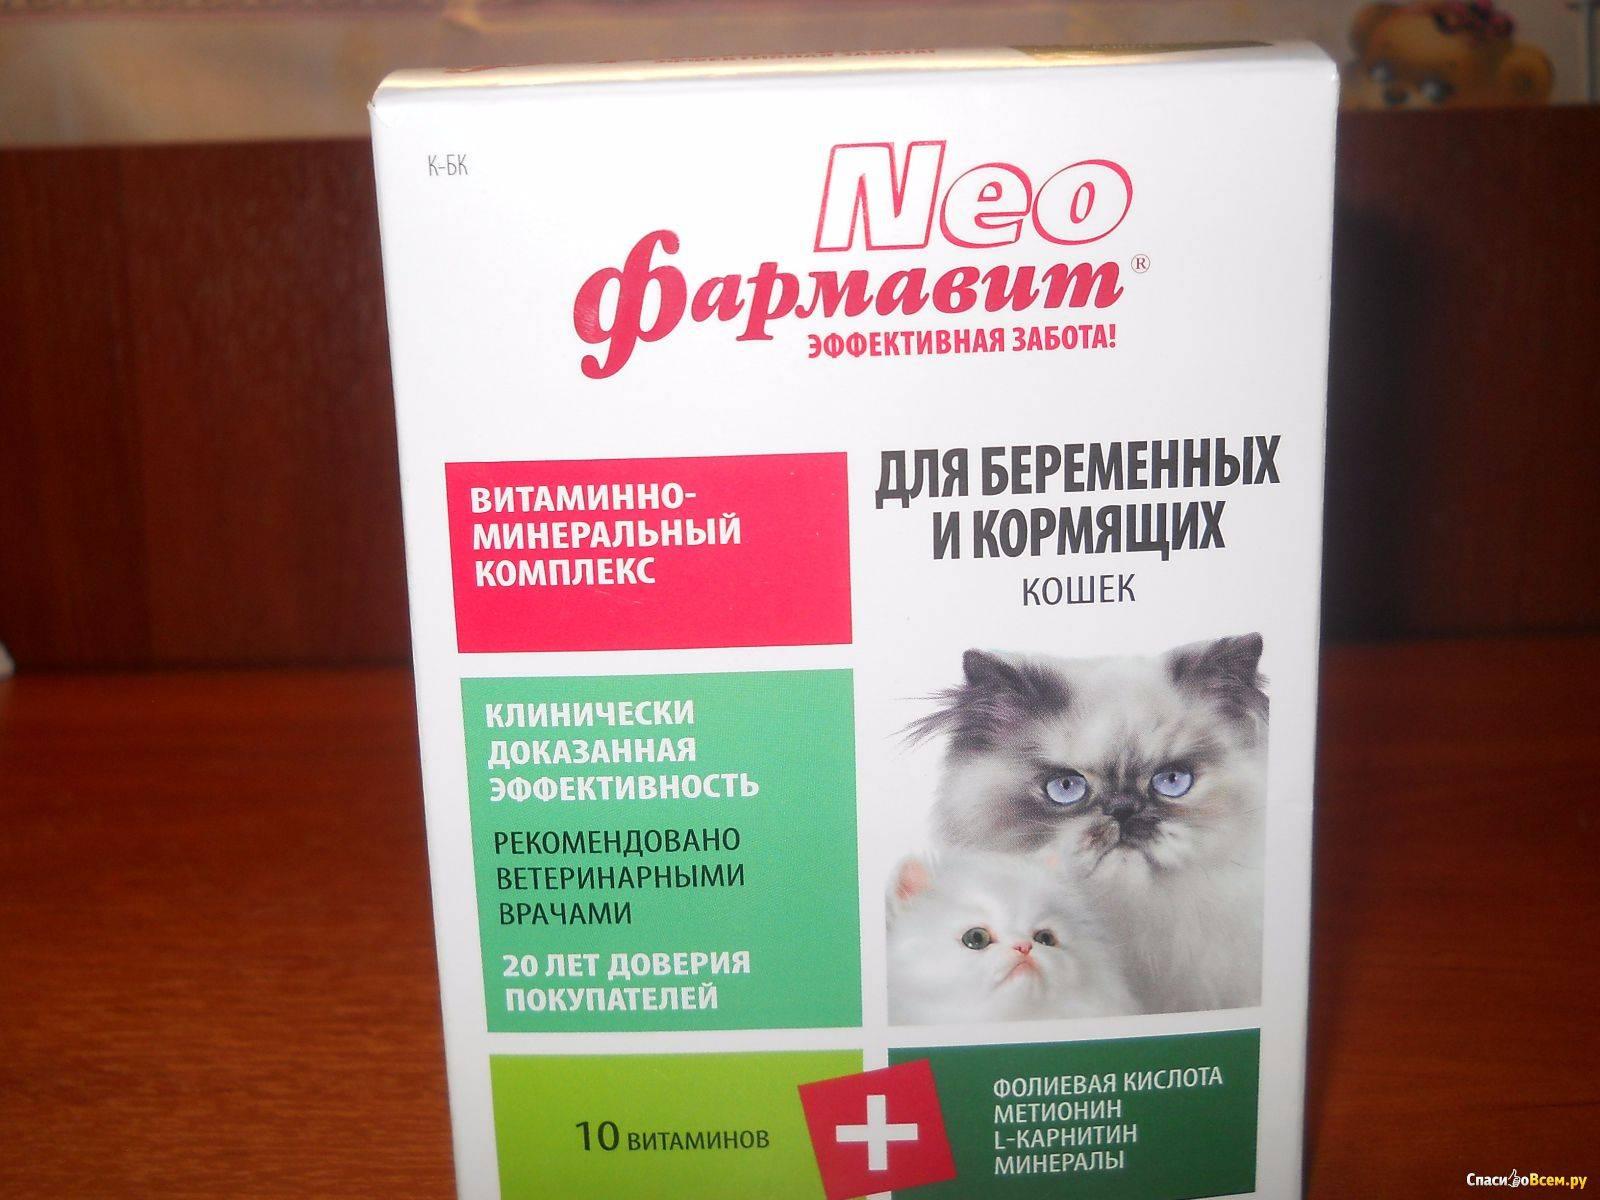 Чем кормить беременную кошку, какие витамины давать?